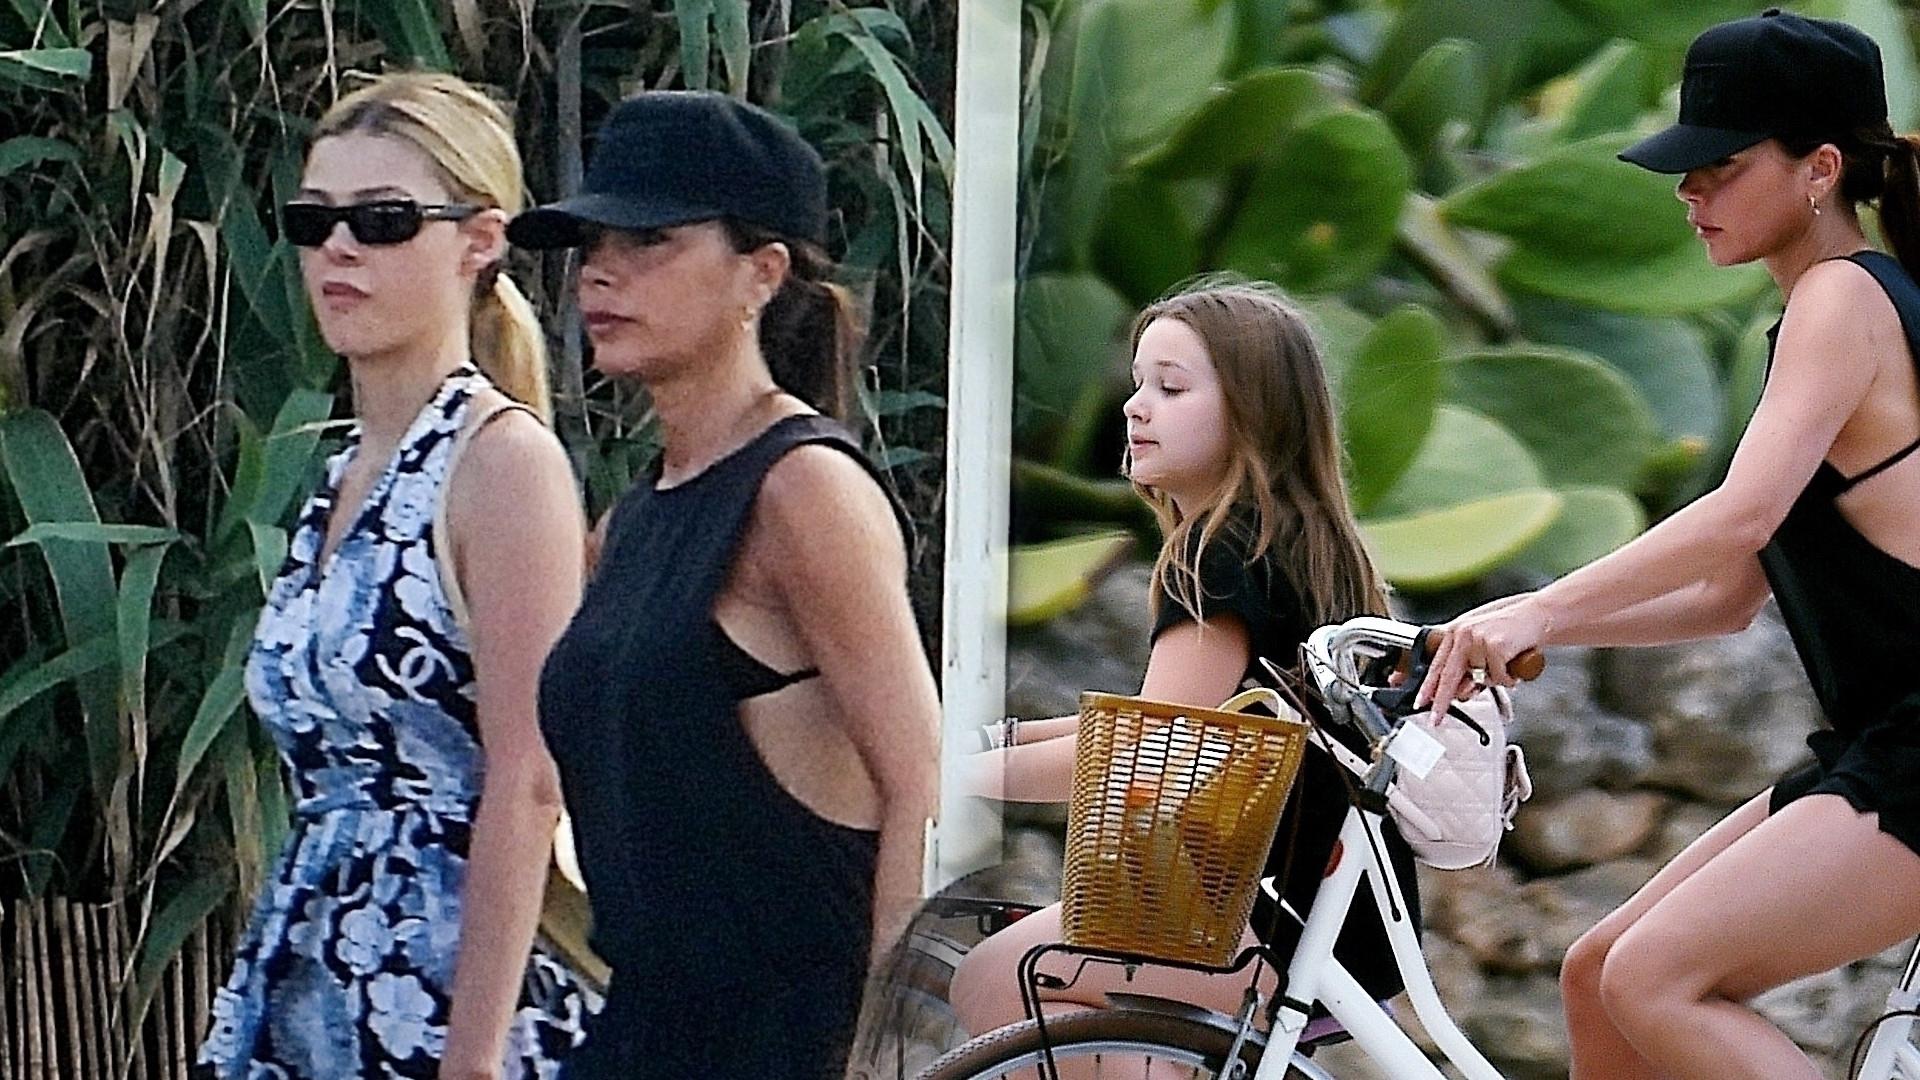 Beckhamowie na włoskich wakacjach. Była z nimi przyszła żona Brooklyna, Nicola Peltz (ZDJĘCIA)